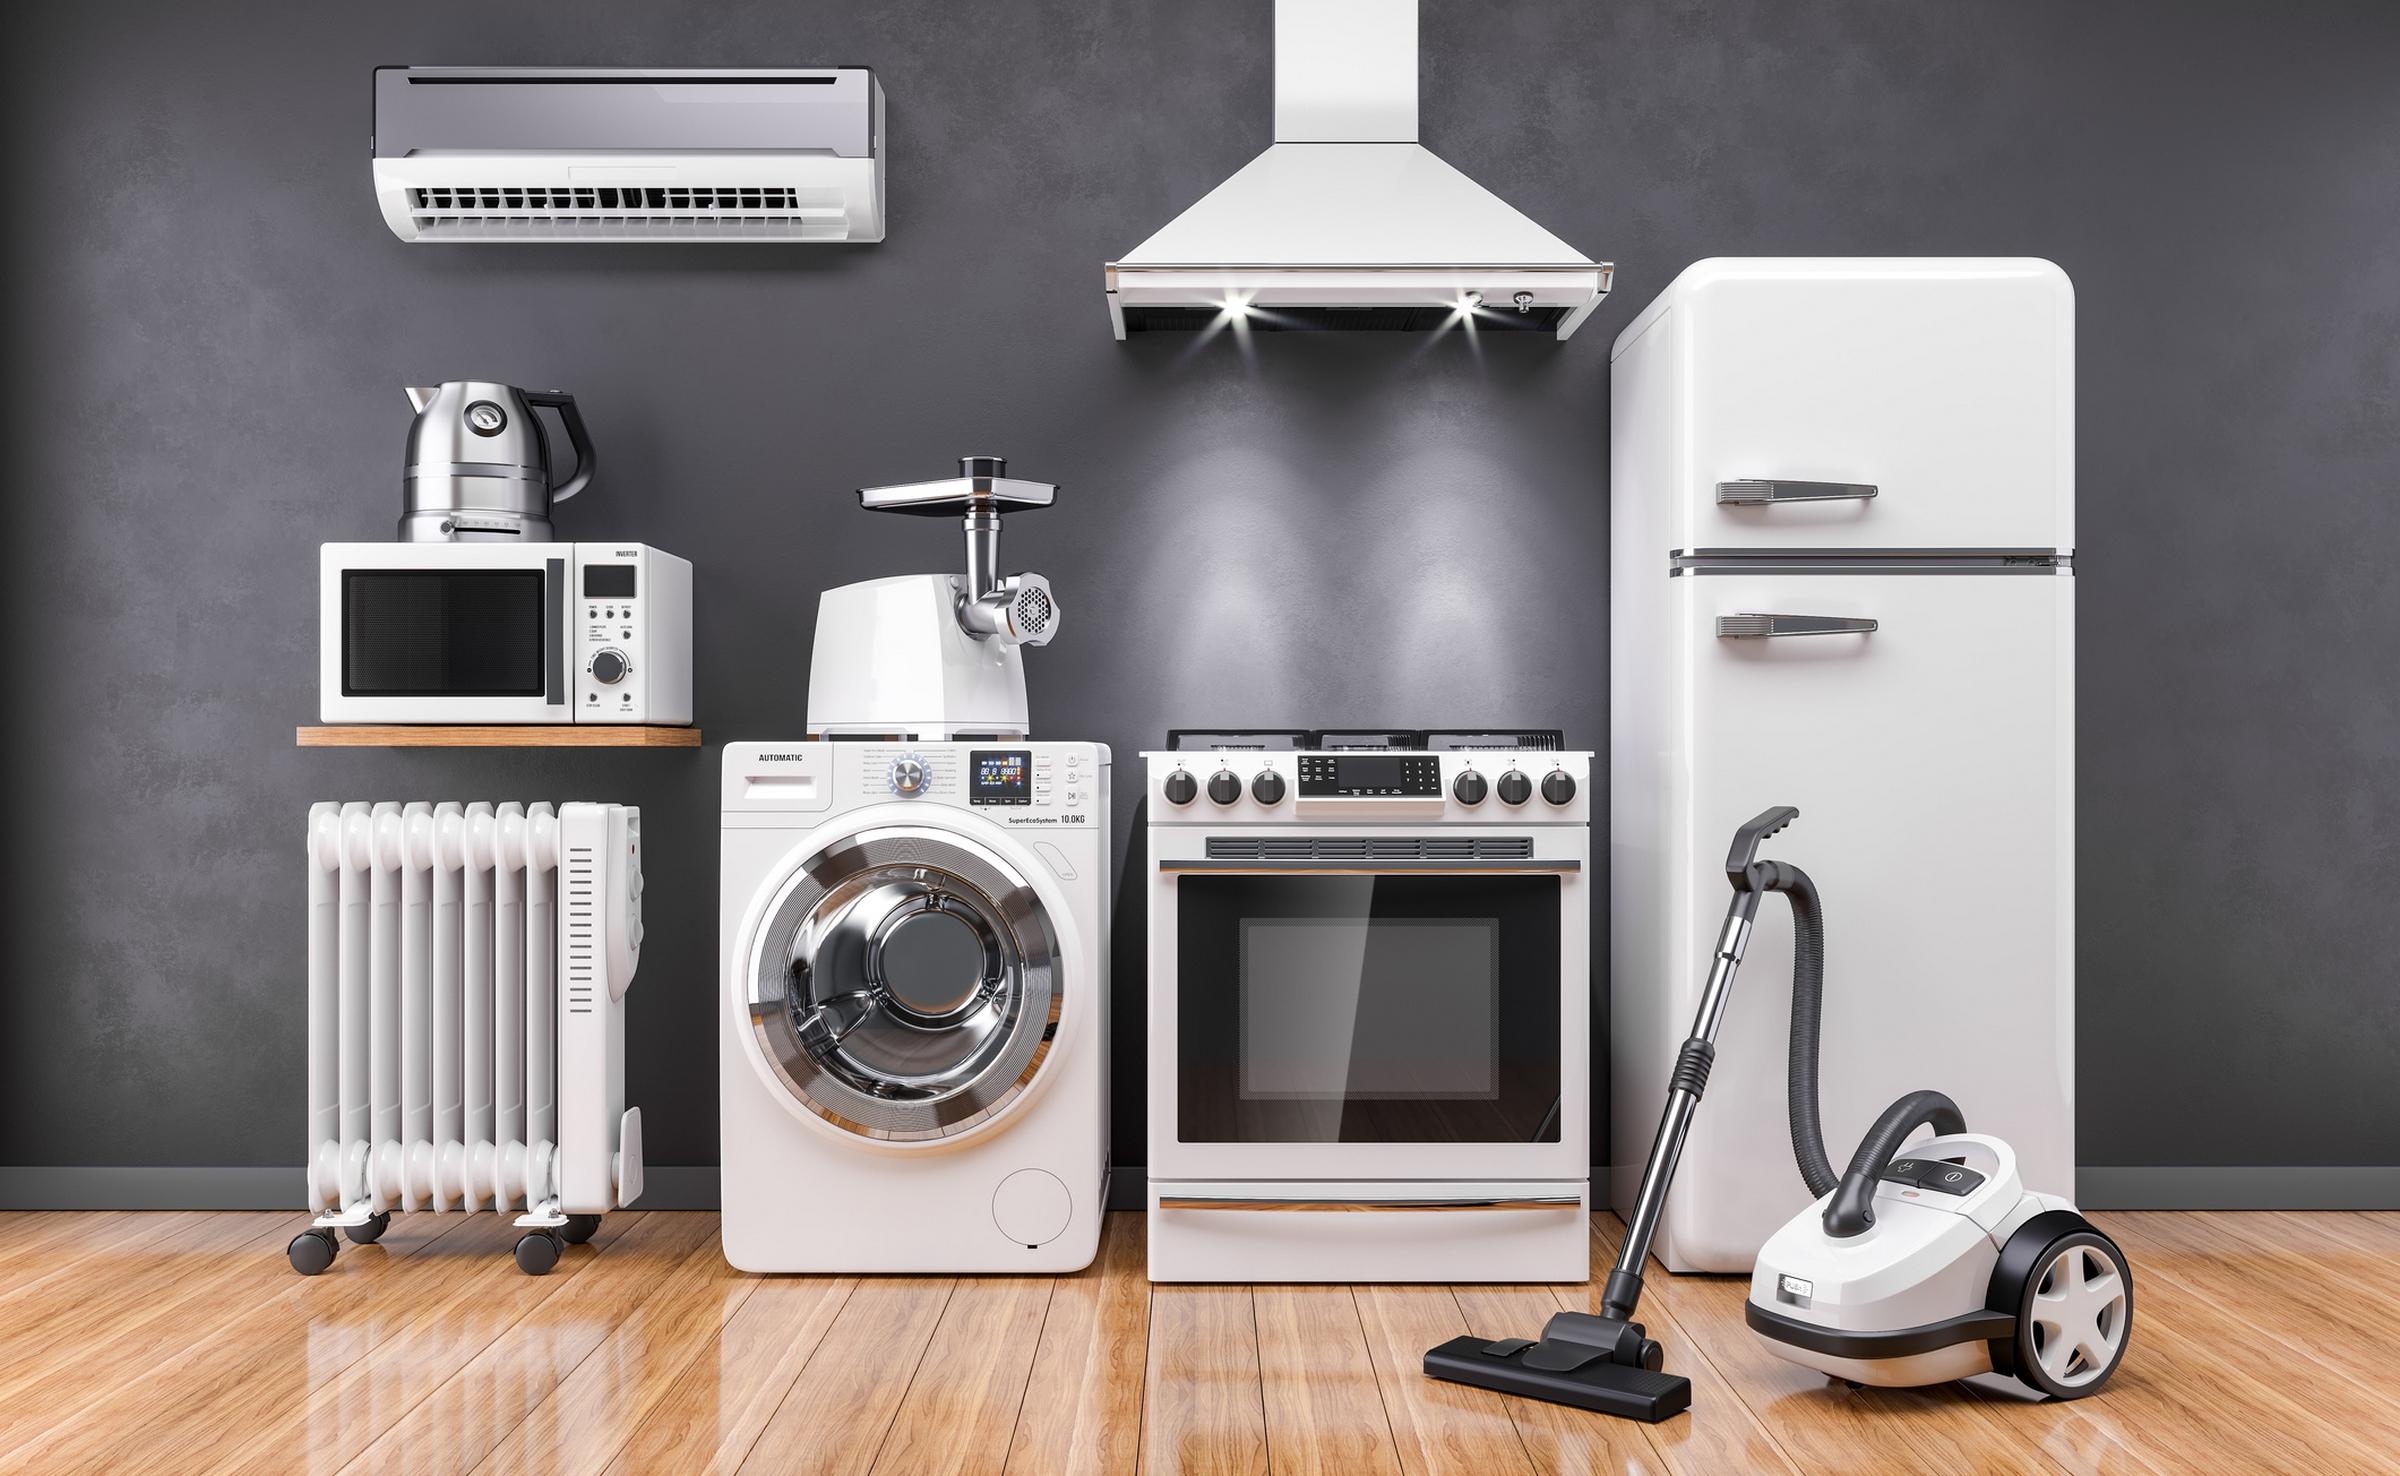 Cuánto duran los electrodomésticos? Esta es la vida útil de los aparatos de tu hogar | Life - ComputerHoy.com